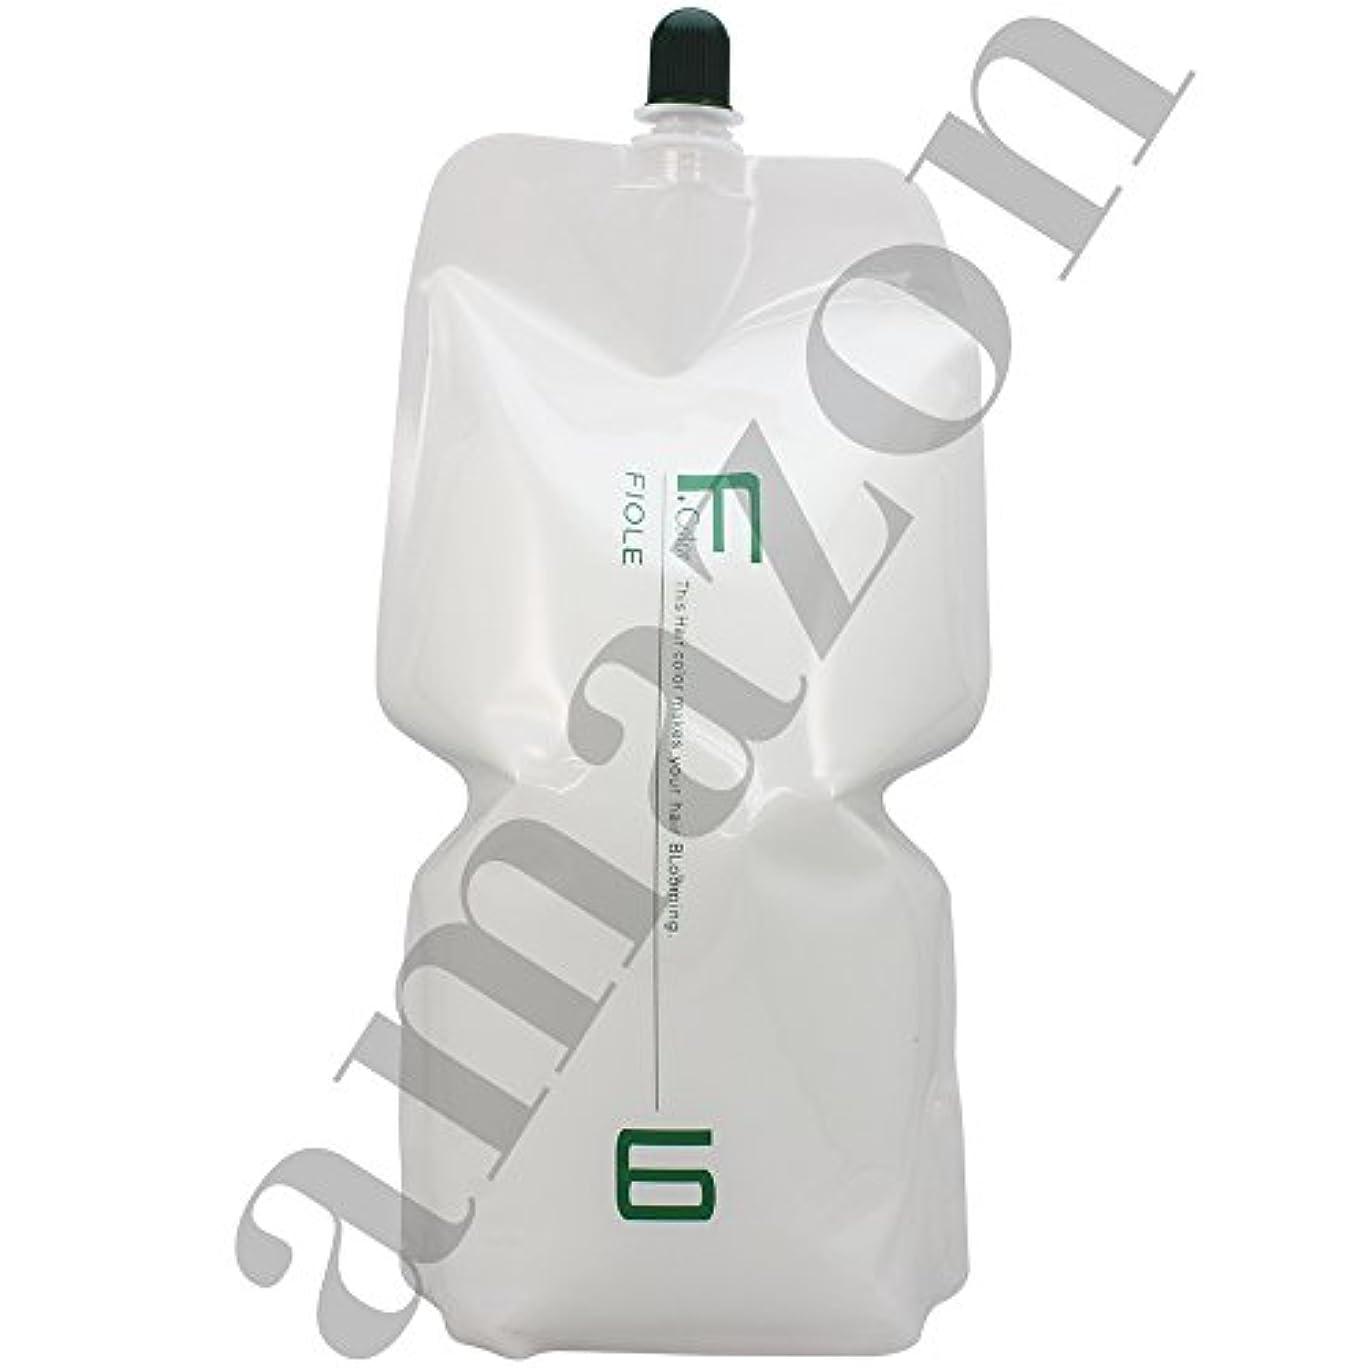 中絶キウイ加速度フィヨーレ BLカラー OX 2000ml 染毛補助剤 第2剤 パウチ (OX6%)